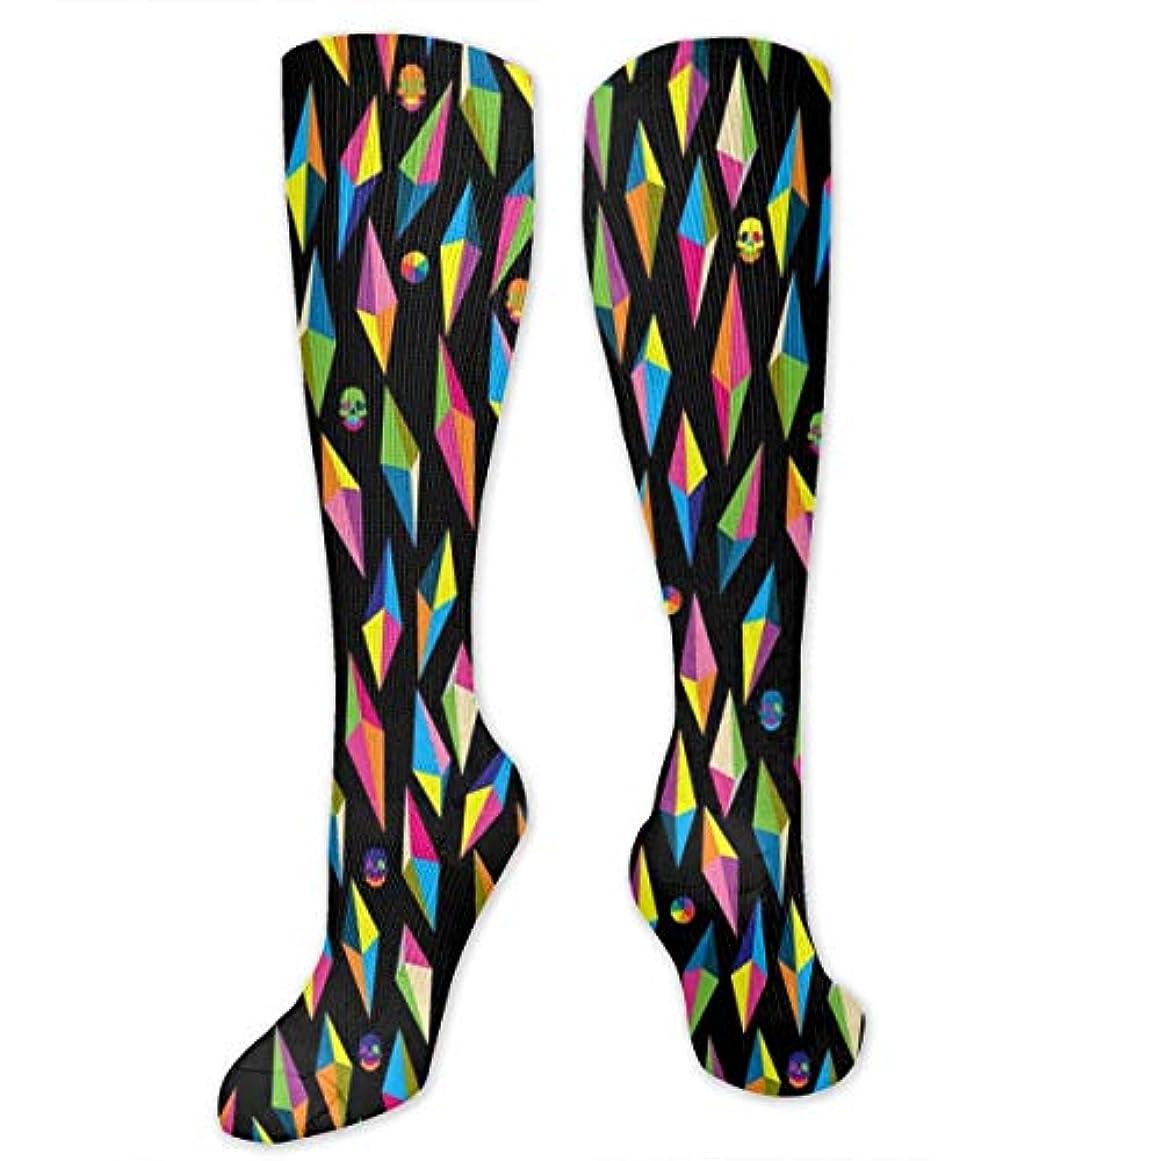 謝るに同意する損失レディースFunny Casual Socks - 綿のカラフルな幾何学的な頭蓋骨の運動靴下